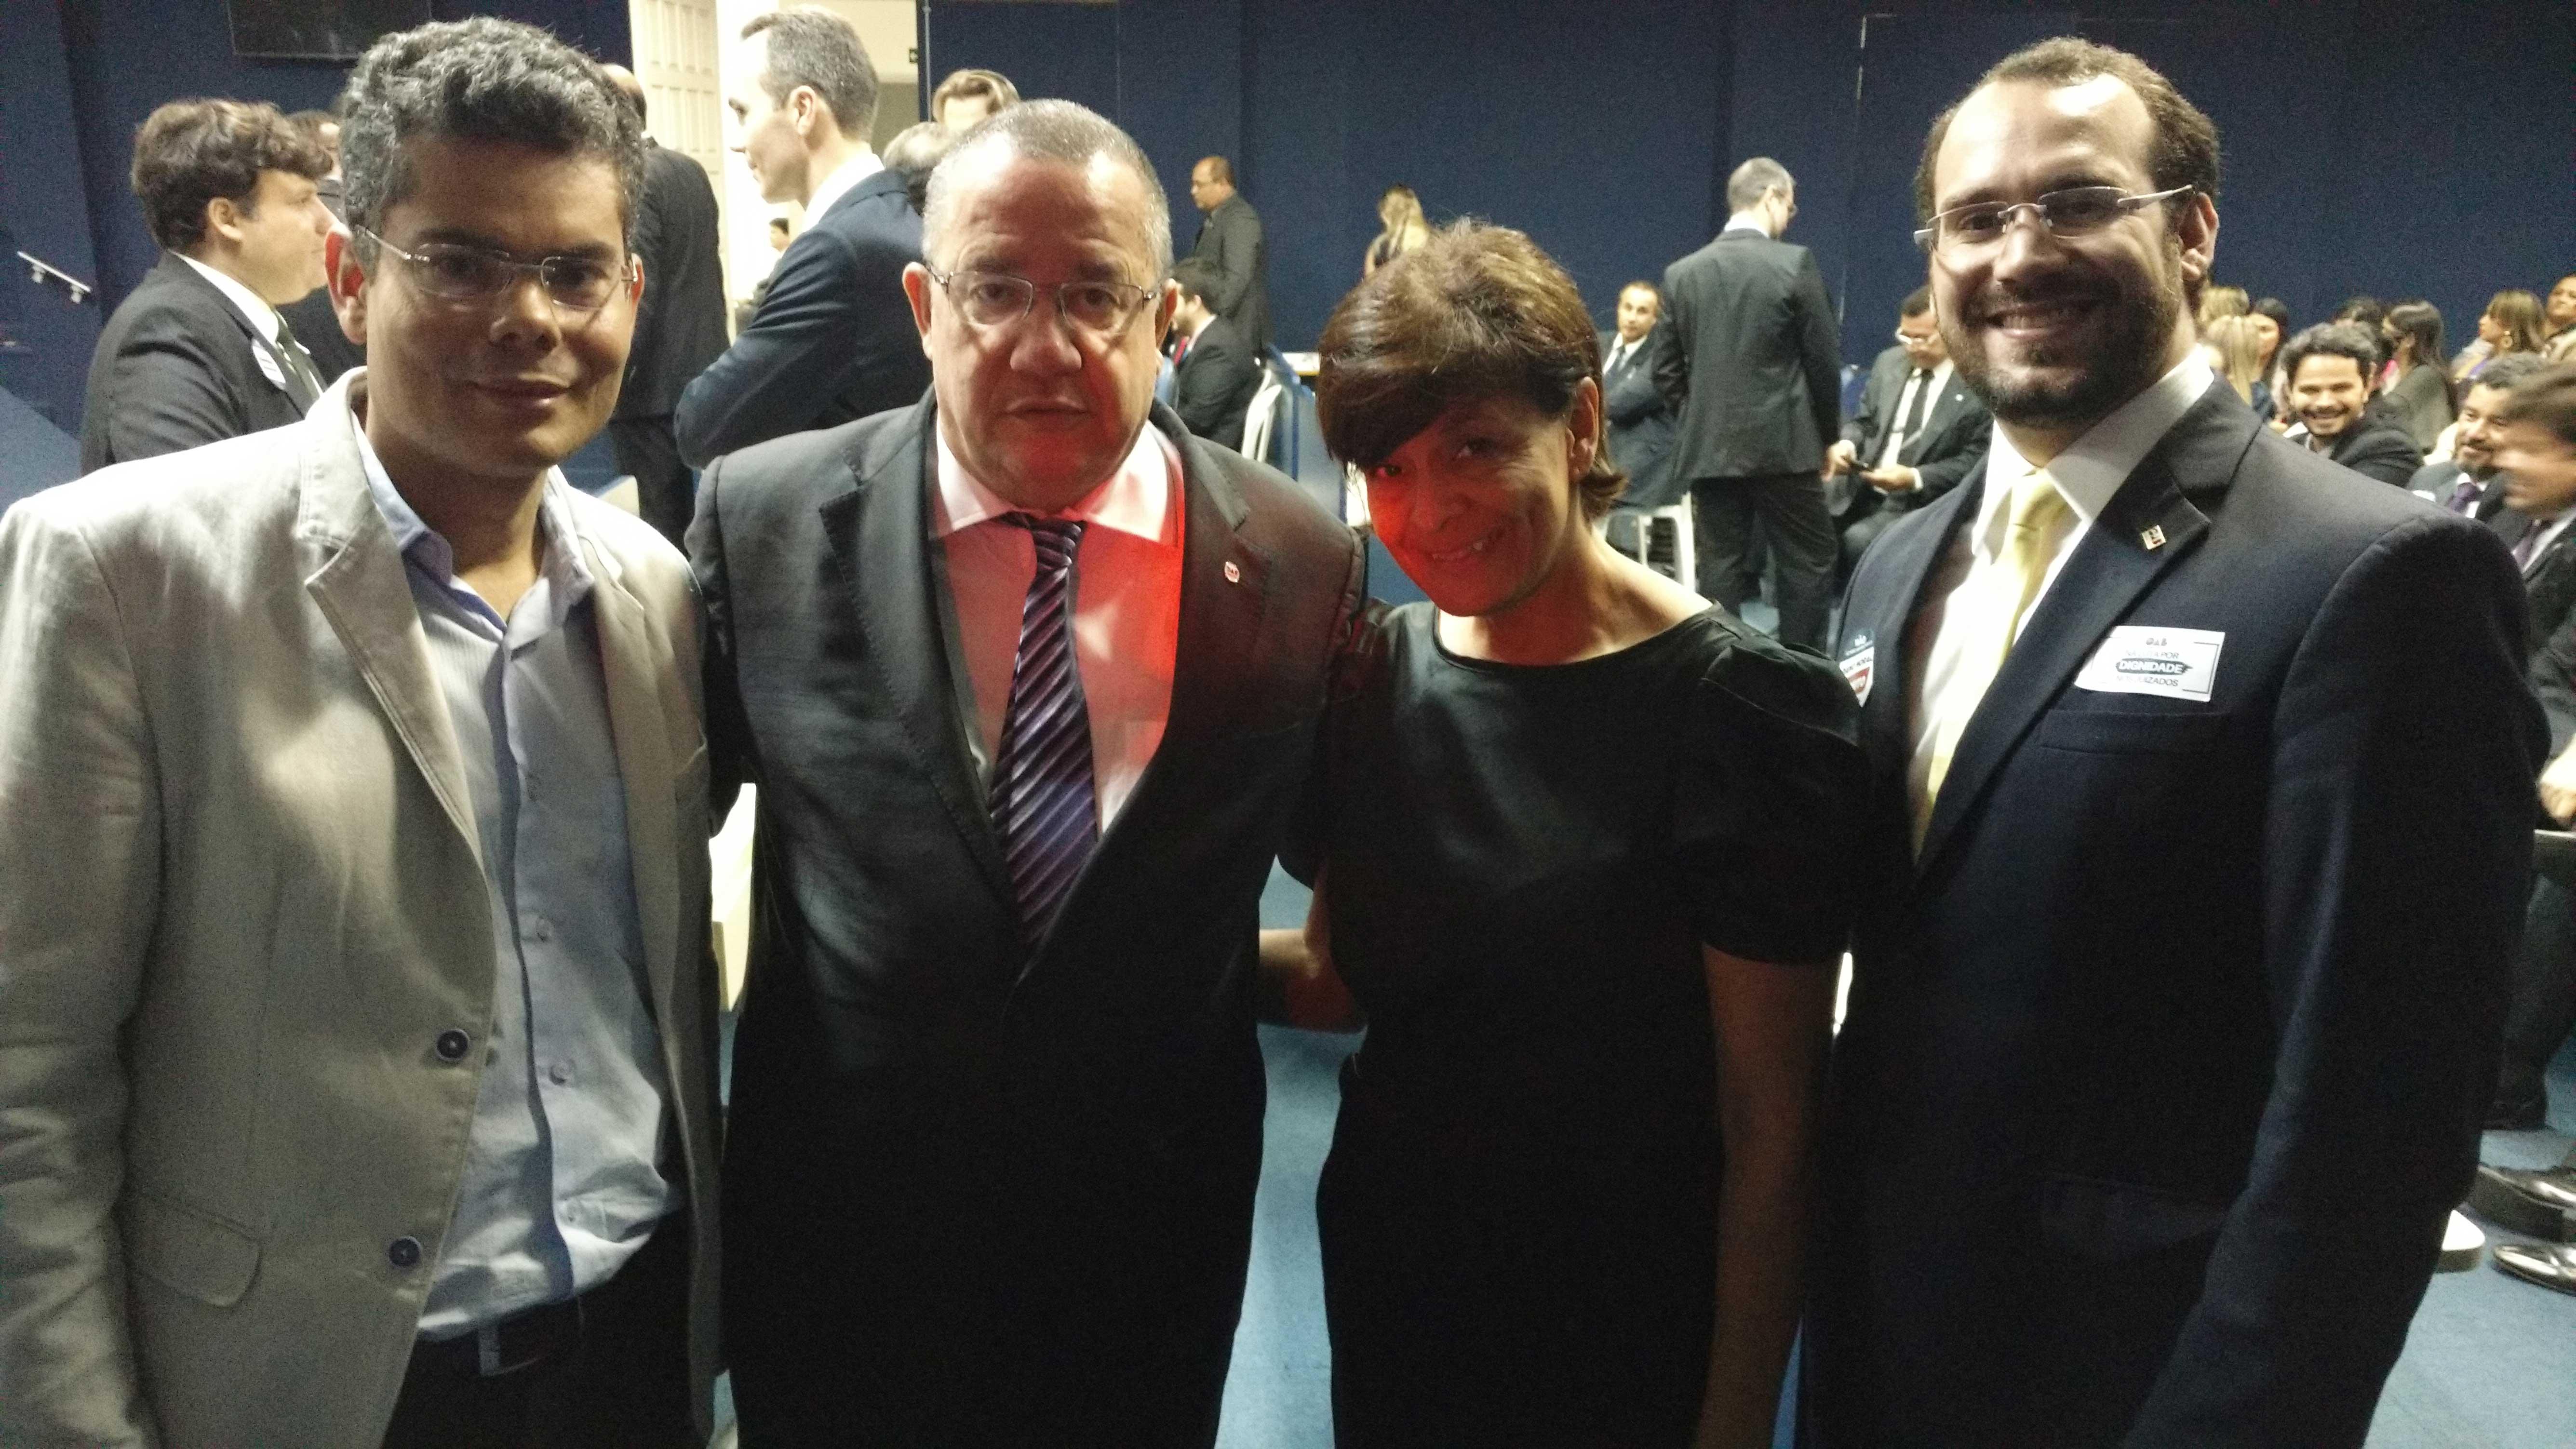 Homero Mafra e Orlindo Borges com representantes da Comunidade. Foto; Divulgação.